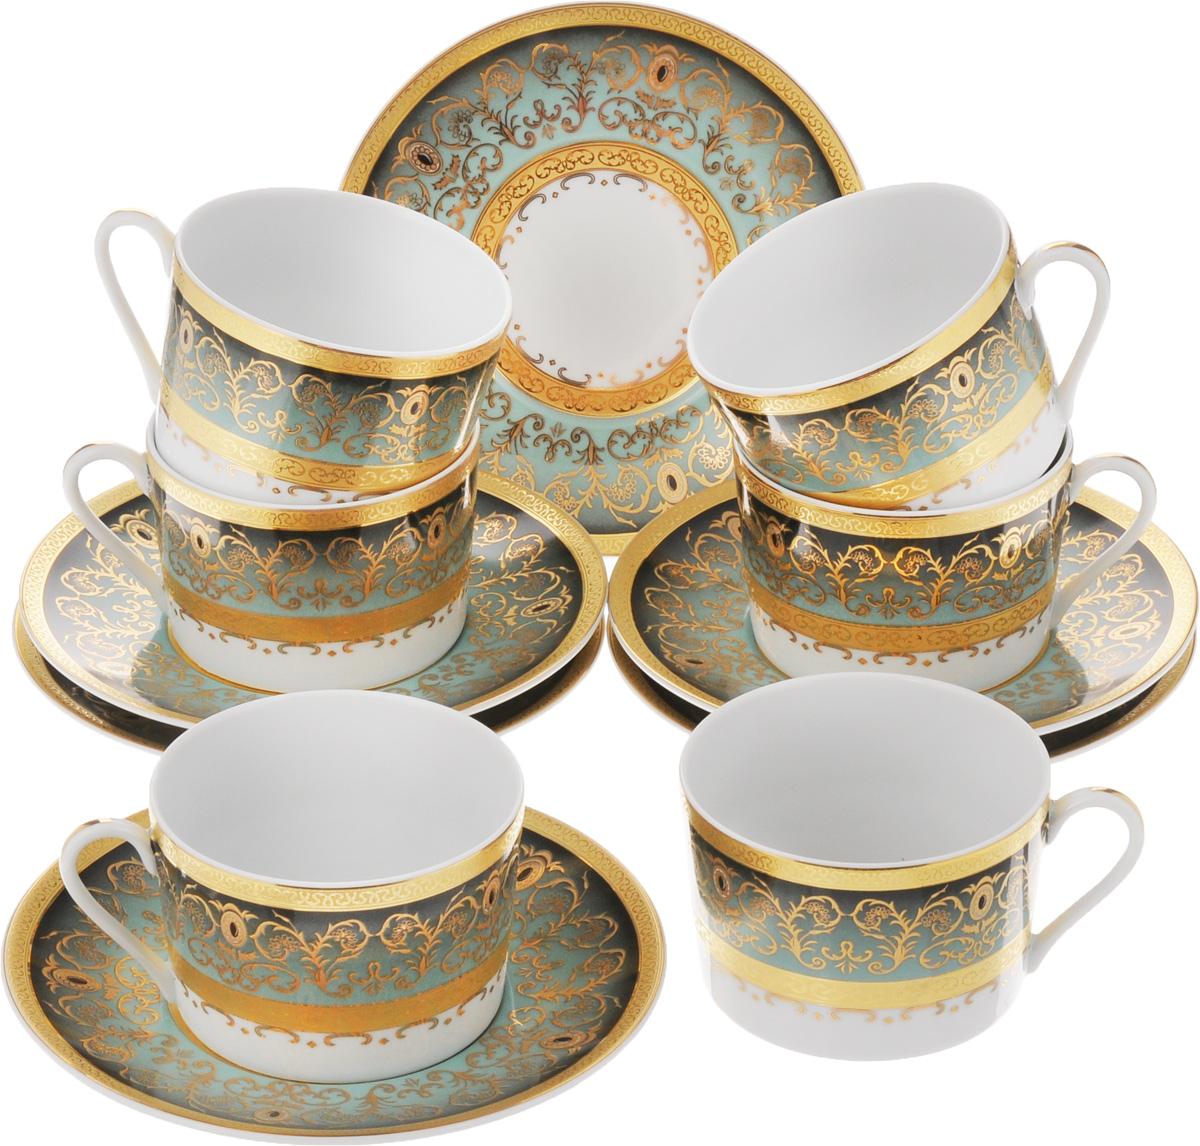 Набор чайный Yves De La Rosiere Mimosa, цвет: зеленый, золотистый, 12 предметов539506 1643Чайный набор Yves De La Rosiere Mimosa состоит из 6 чашек и 6 блюдец, изготовленных из высококачественного фарфора. Такой набор прекрасно дополнит сервировку стола к чаепитию, а также станет замечательным подарком для ваших друзей и близких. Объем чашки: 220 мл. Диаметр чашки по верхнему краю: 9 см. Высота чашки: 6 см. Диаметр блюдца: 16 см. Высота блюдца: 2 см.